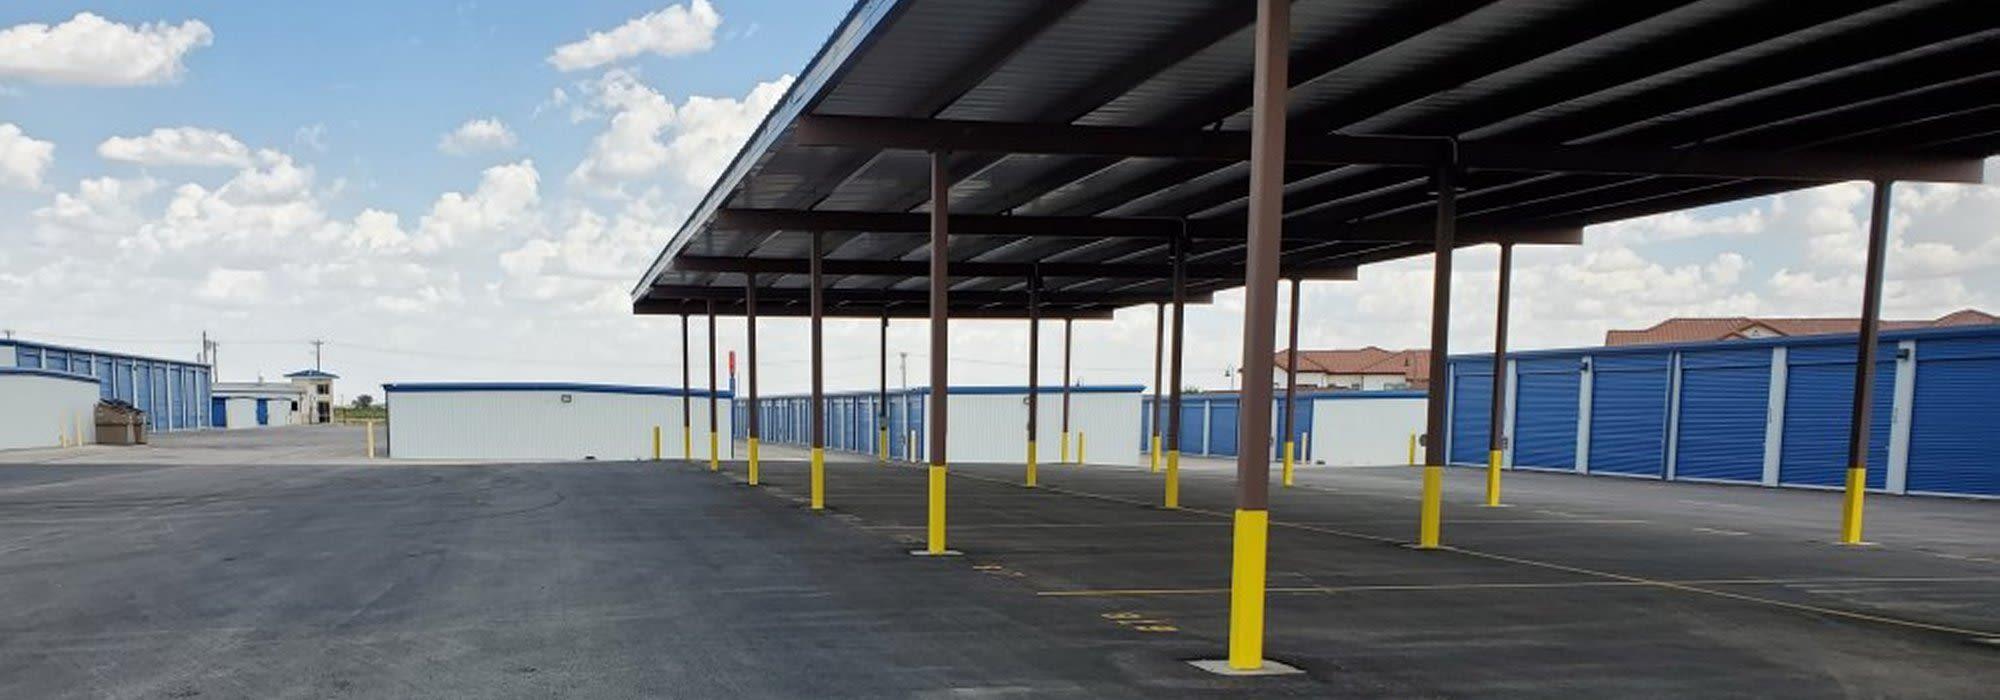 Self storage at Advantage 52nd Odessa in Odessa, Texas